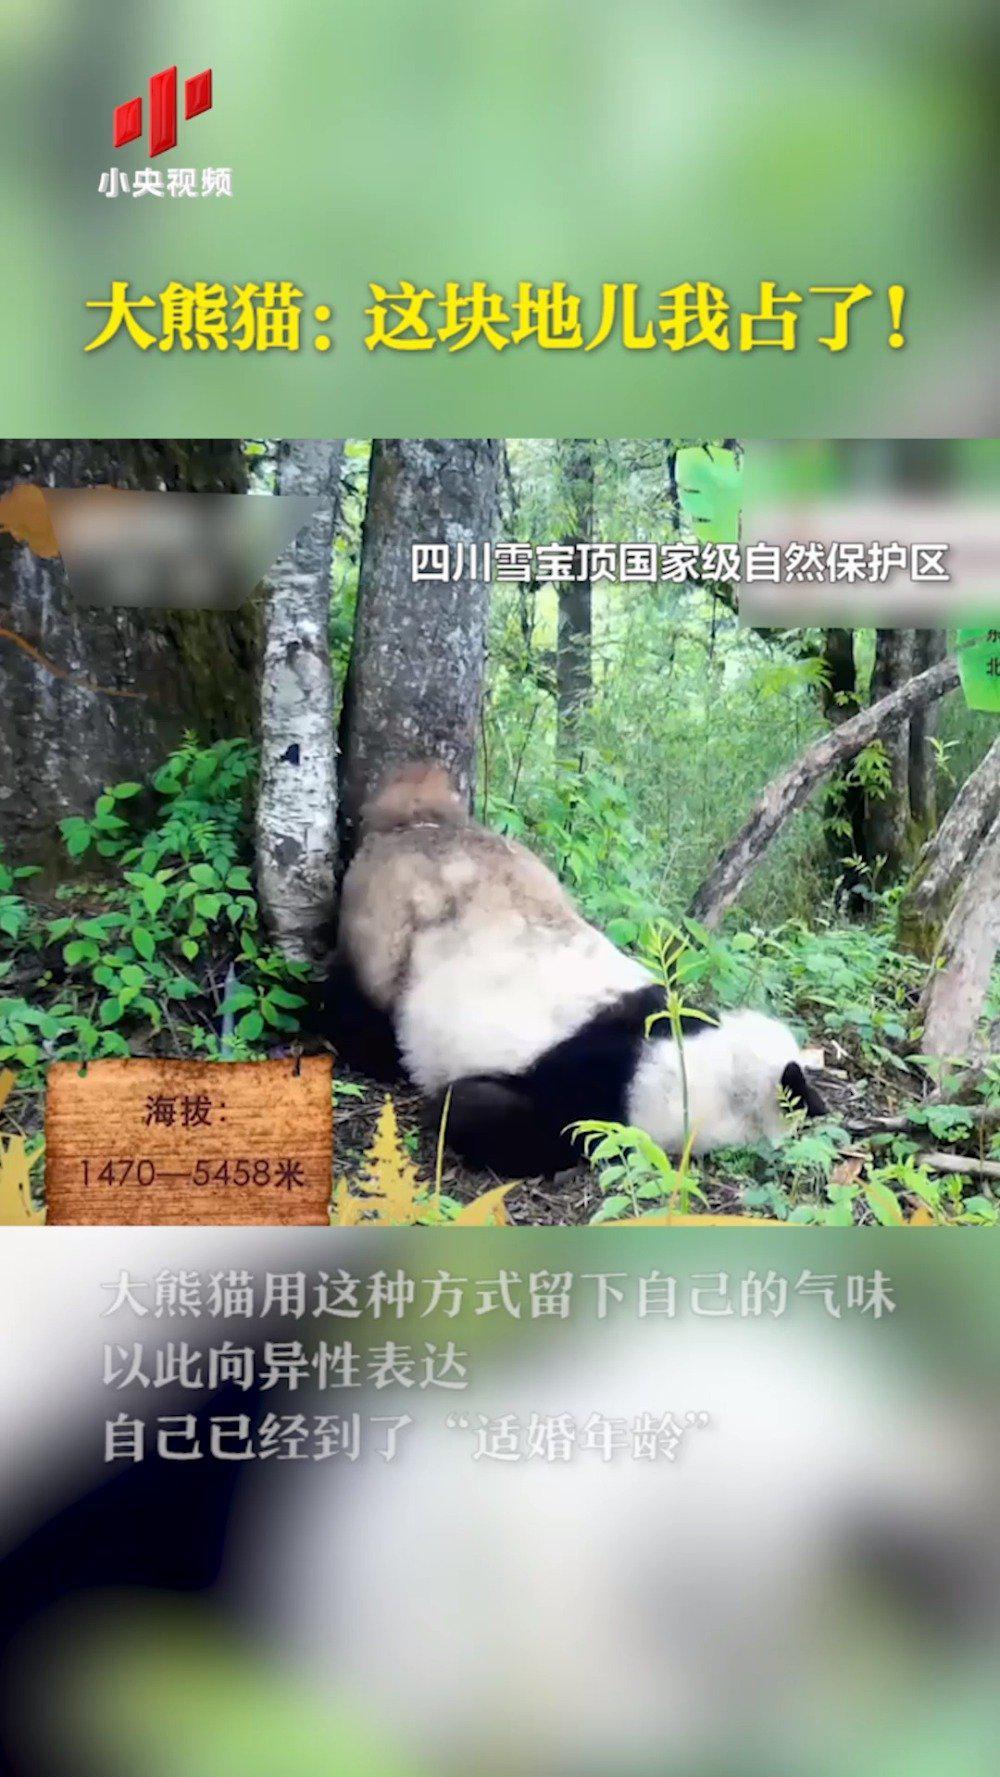 大熊猫:这块地儿我占了!